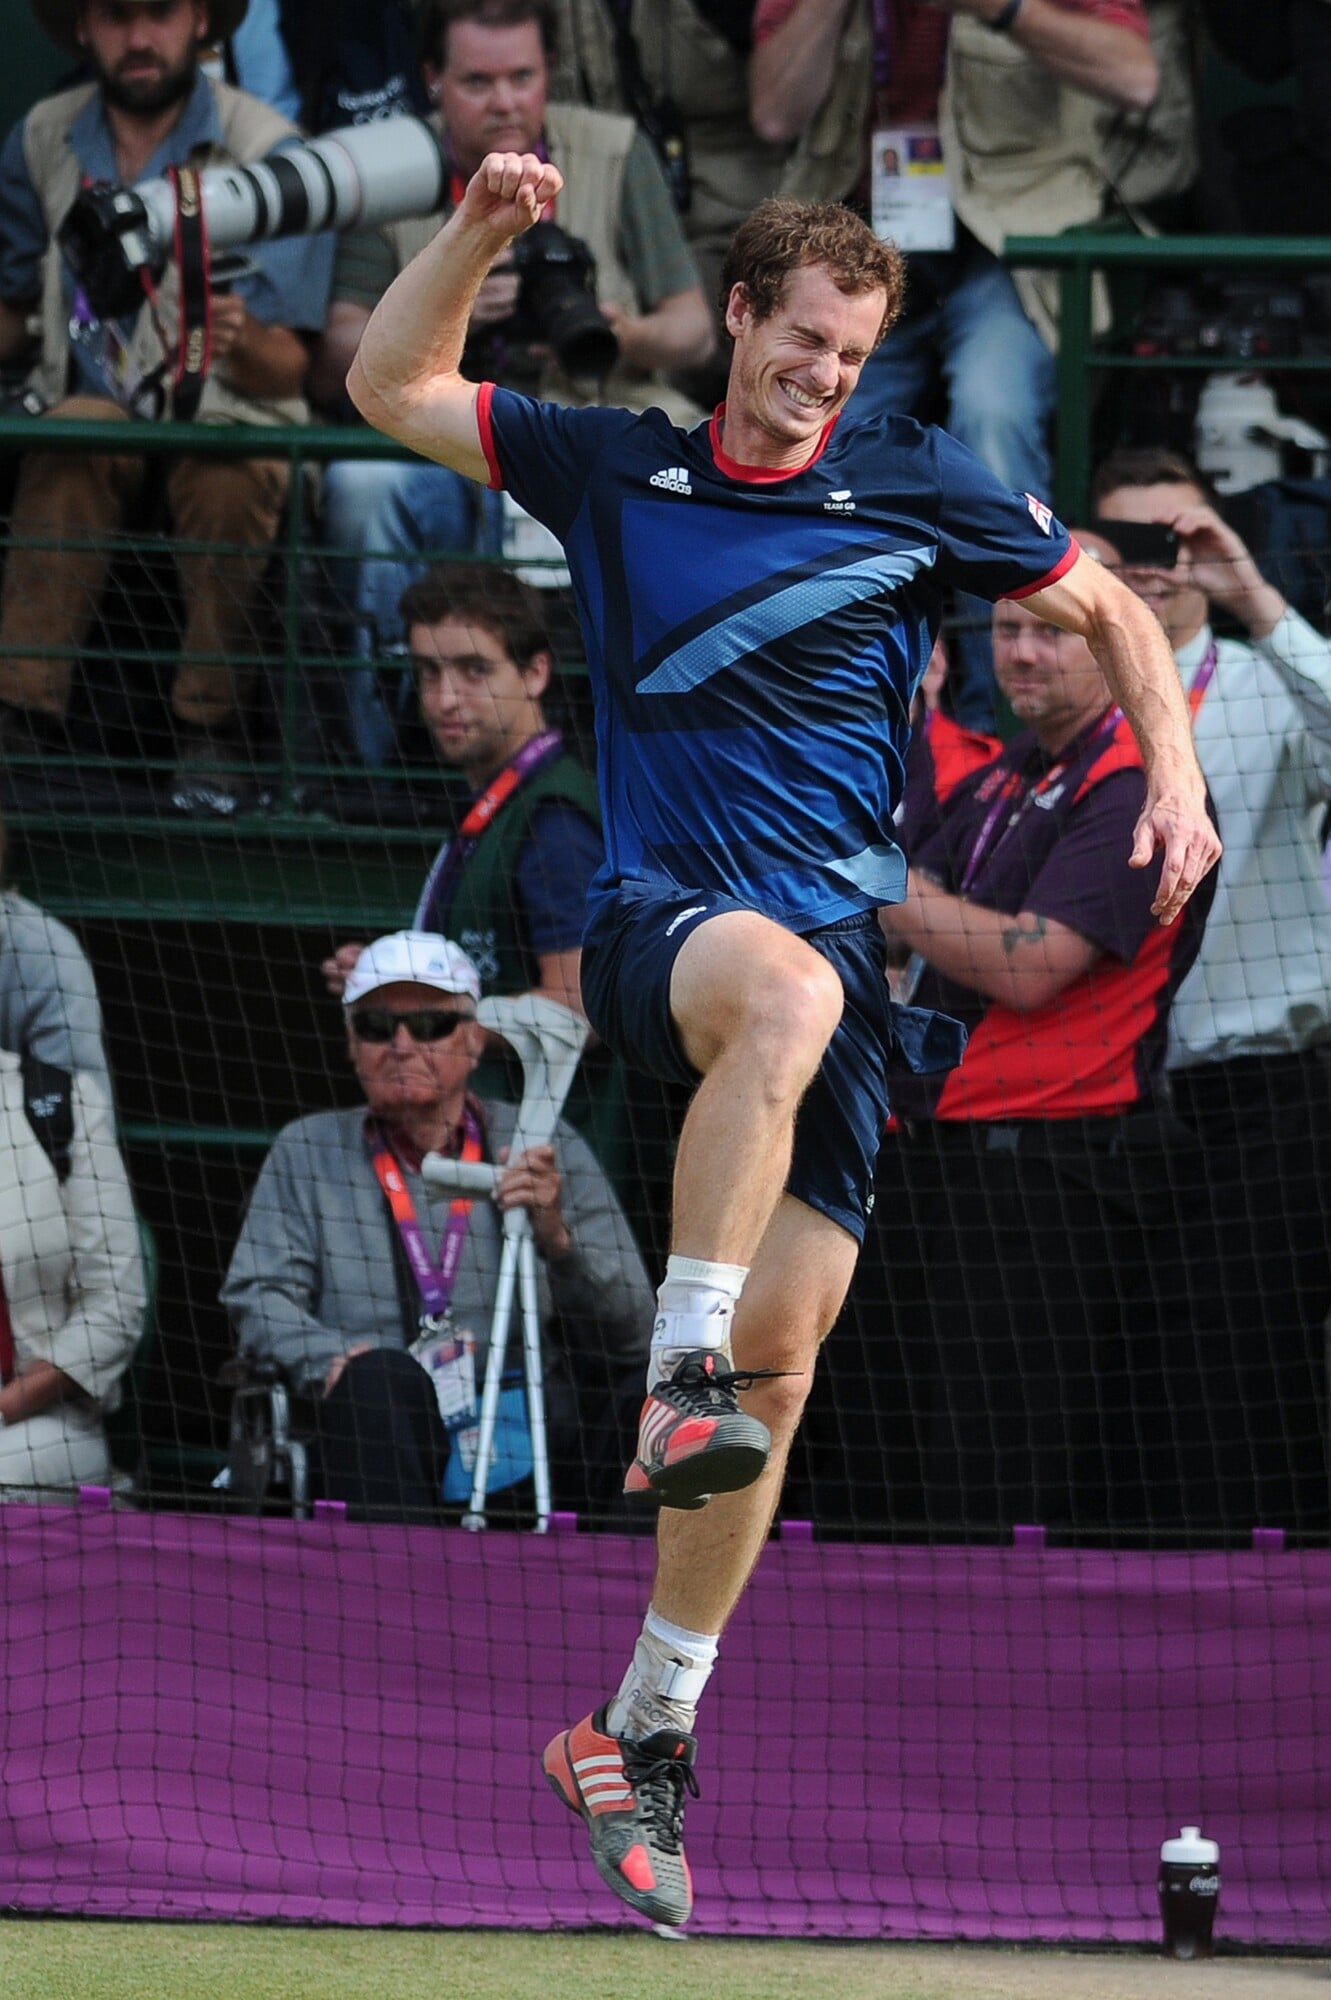 Теннис, мы скучаем! В конце мая обычно смотрим «Ролан Гаррос», а сейчас печально разглядываем любимые фото